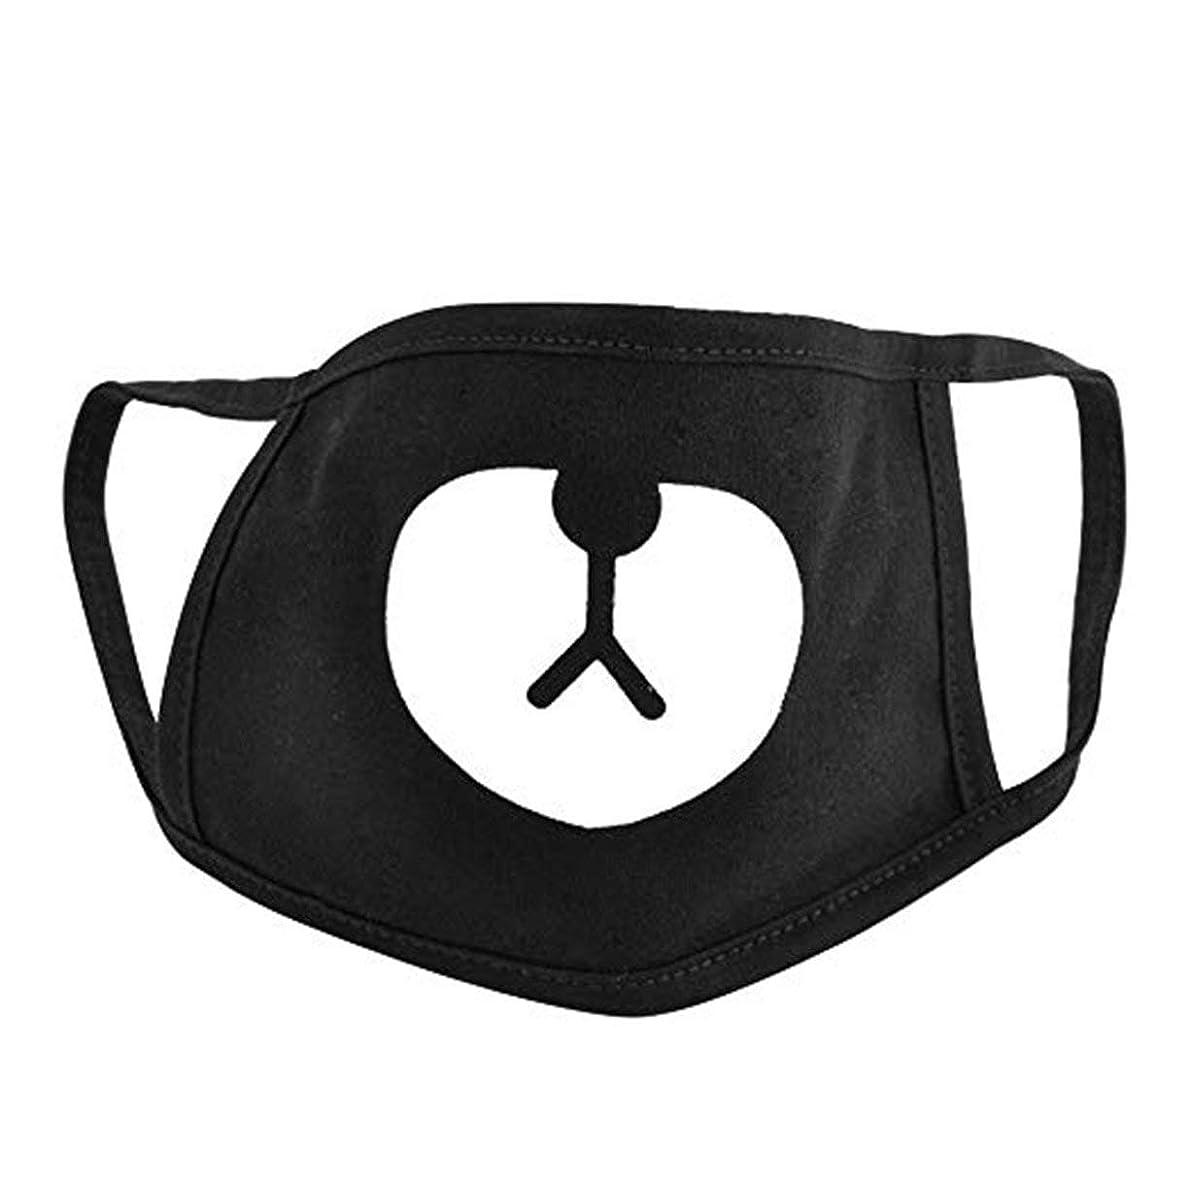 延期する回復する印象的1ピース漫画防塵口フェイスマスクユニセックスブラックベアサイクリング防塵コットン顔面保護カバーマスク - ブラック